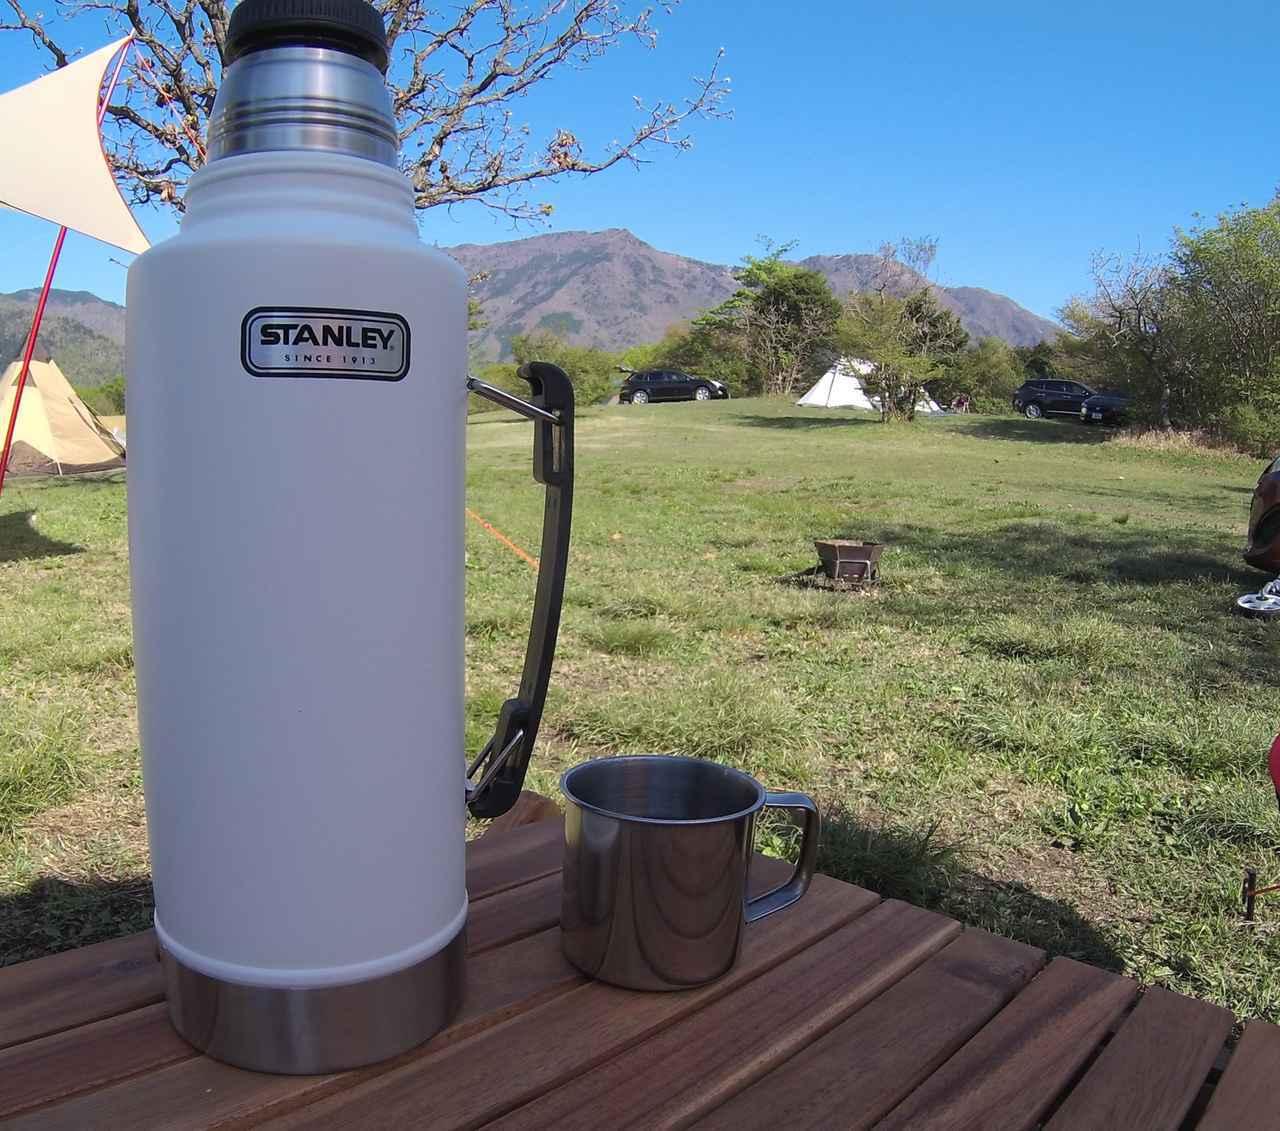 画像: 【キャンパーに人気】スタンレーのキャンプ・アウトドアにおすすめの水筒などをご紹介 - ハピキャン(HAPPY CAMPER)